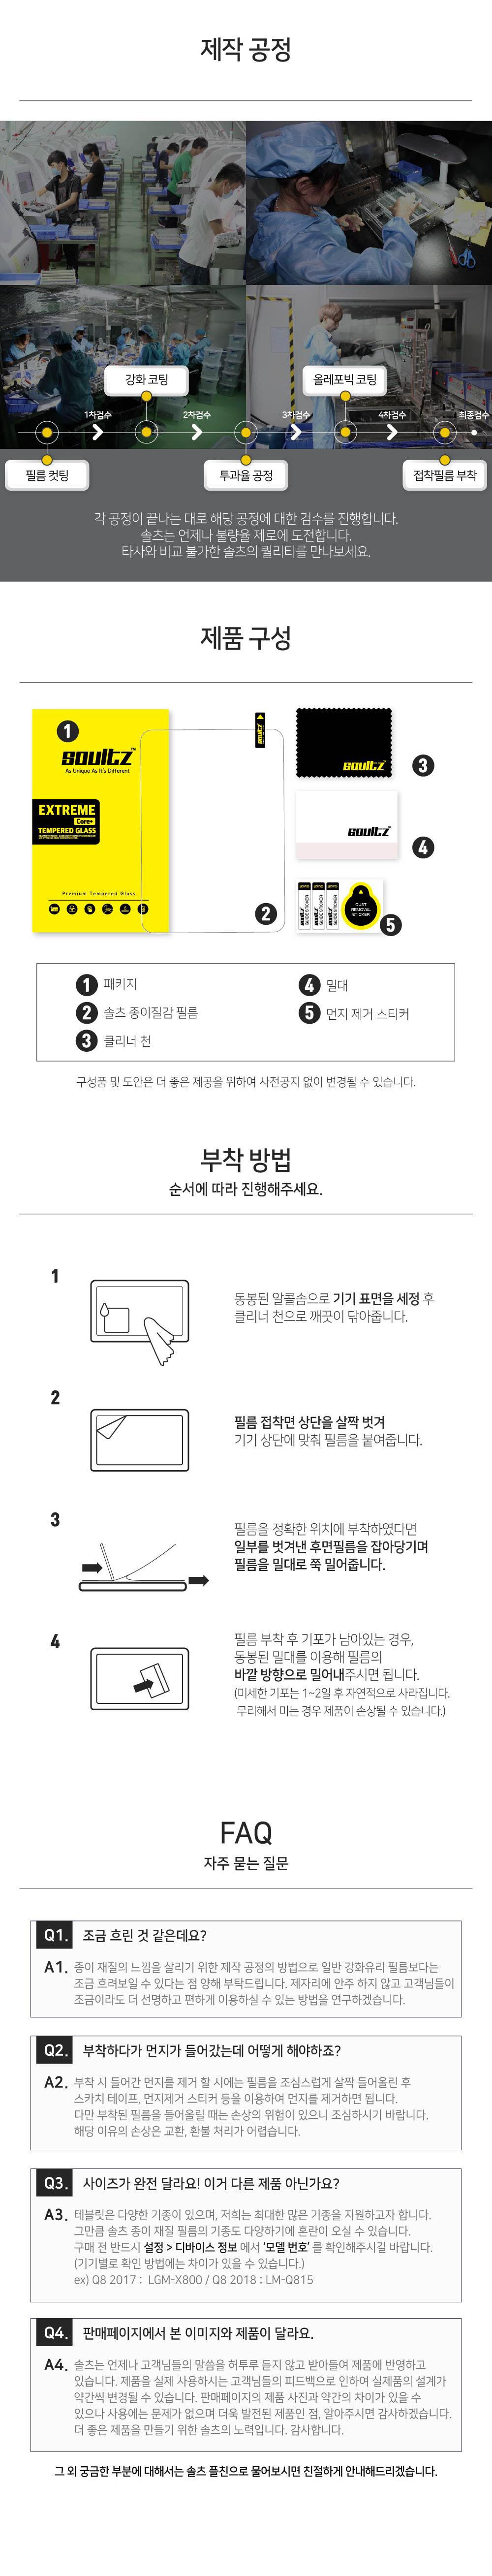 갤럭시탭A 10.1 2019 종이질감 액정보호 필름 T510 - 솔츠, 20,800원, 필름/스킨, 기타 갤럭시 제품